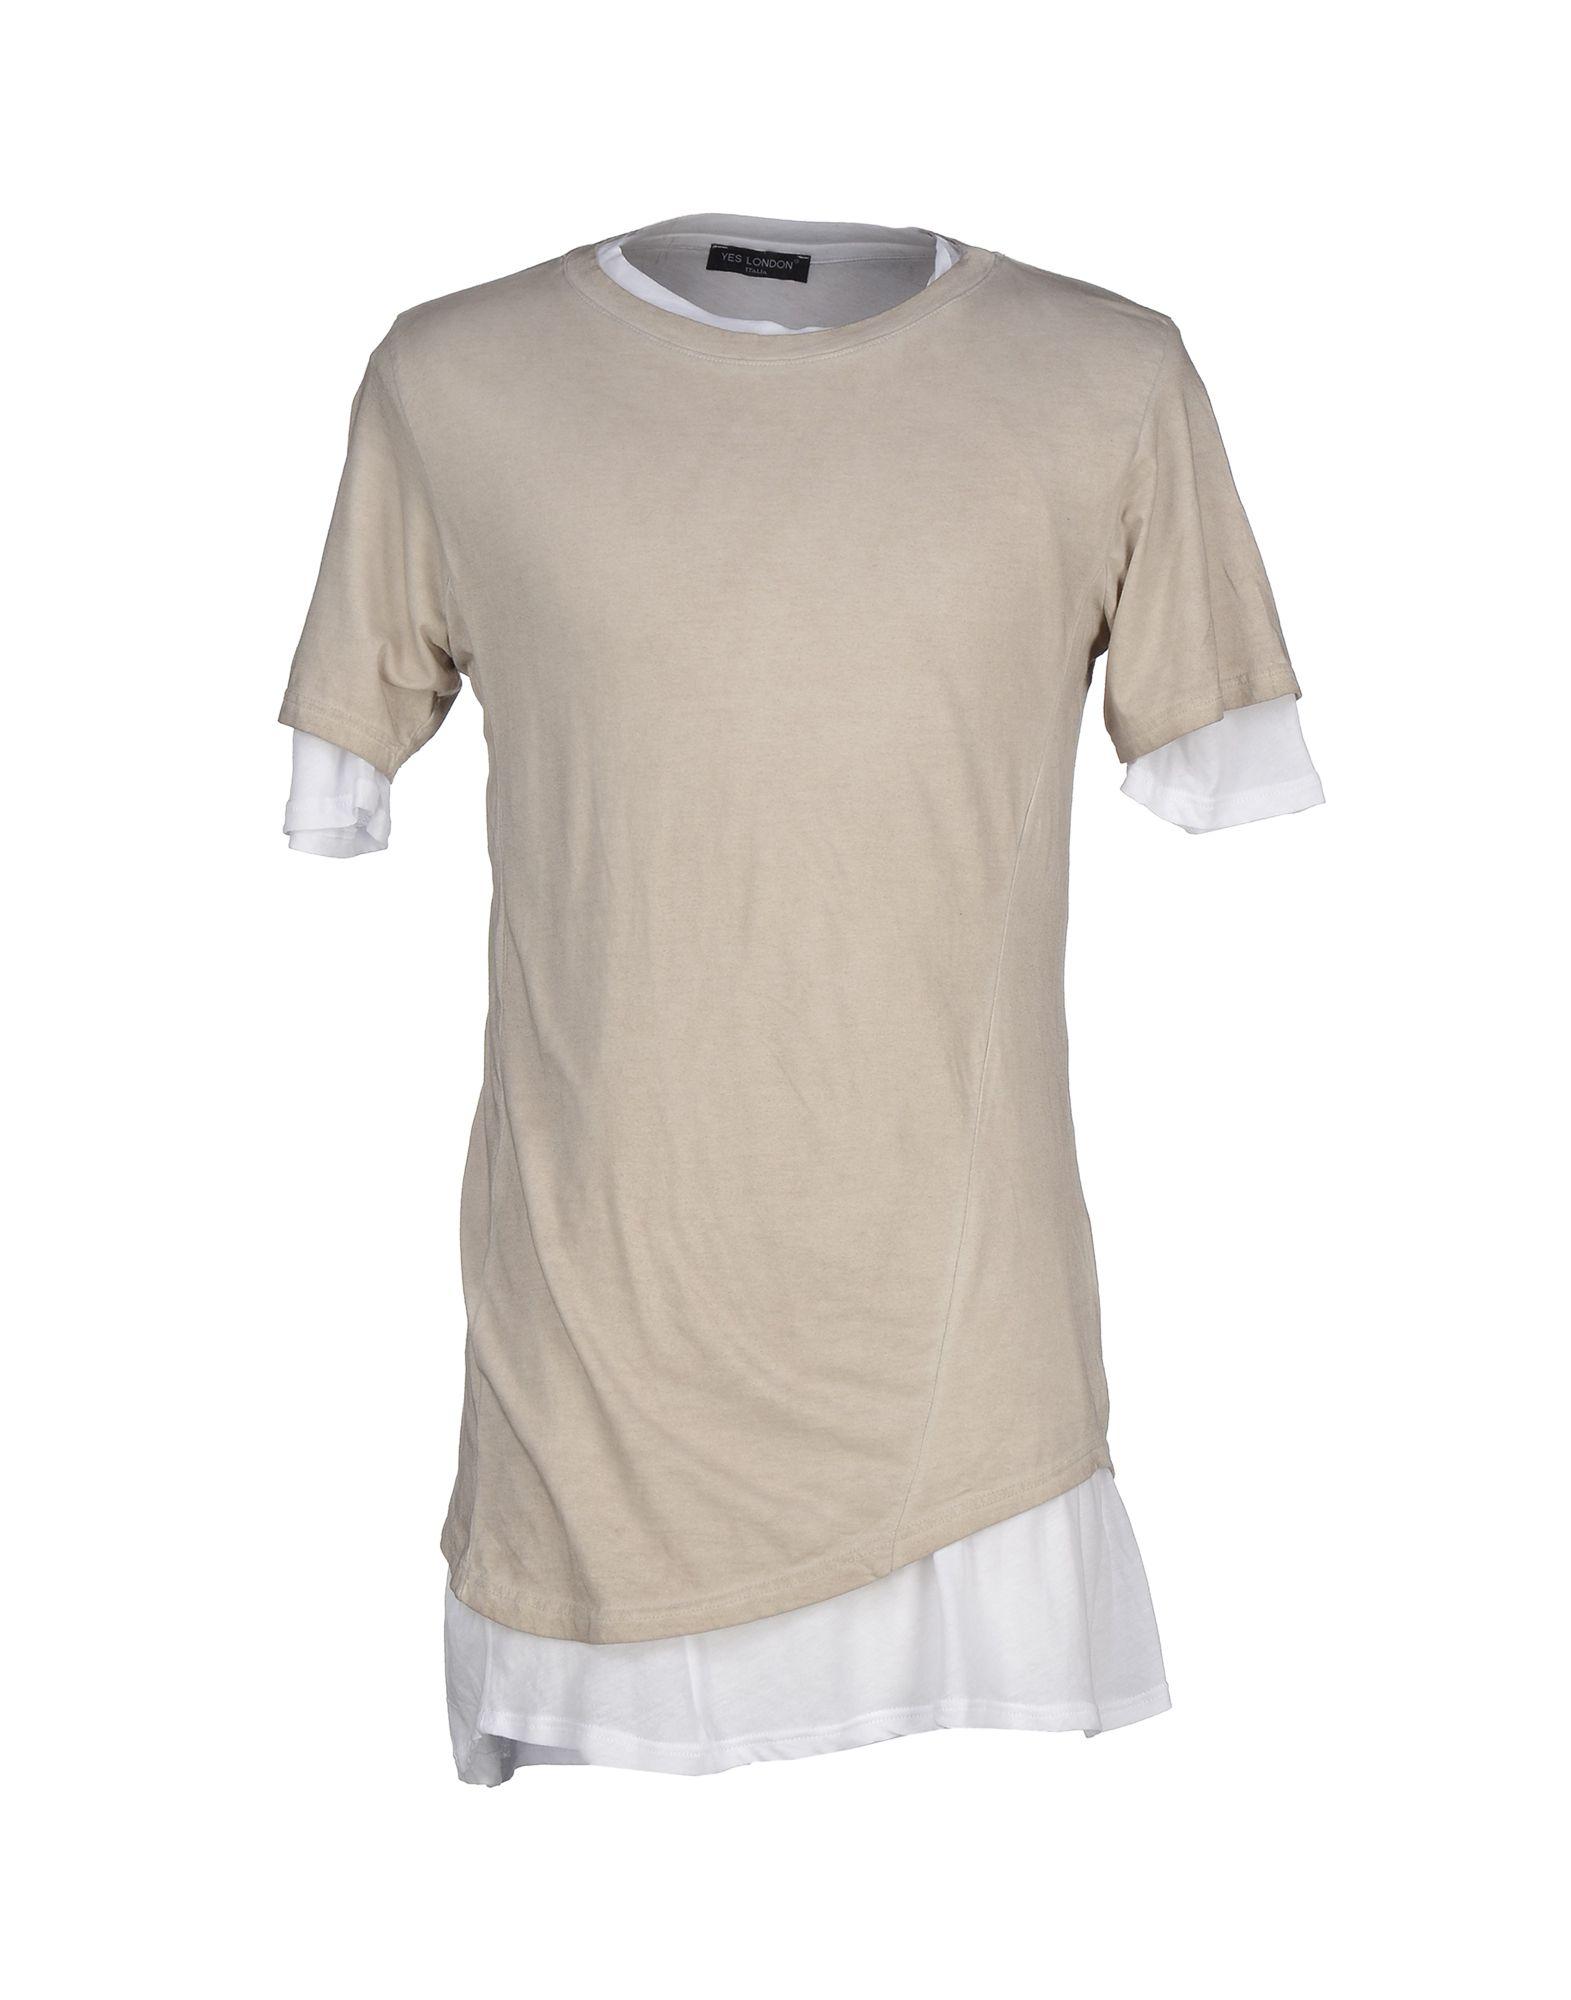 《送料無料》YES LONDON メンズ T シャツ サンド S コットン 100%